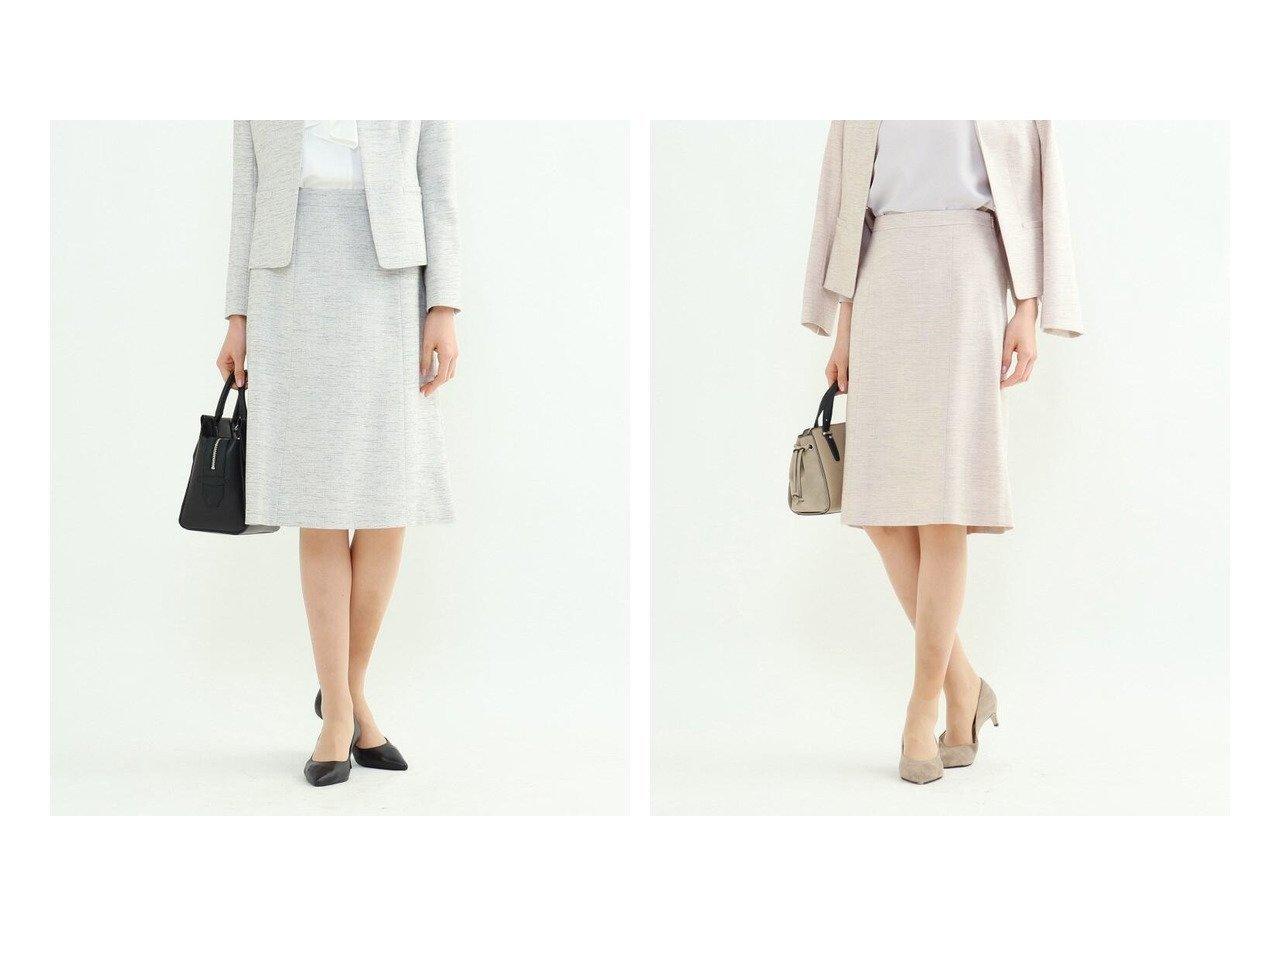 【INDIVI/インディヴィ】のスラブツイードスカート スカートのおすすめ!人気、トレンド・レディースファッションの通販 おすすめで人気の流行・トレンド、ファッションの通販商品 メンズファッション・キッズファッション・インテリア・家具・レディースファッション・服の通販 founy(ファニー) https://founy.com/ ファッション Fashion レディースファッション WOMEN スカート Skirt スーツ Suits スーツ スカート Skirt ジャケット ストレッチ ストレート スーツ ツィード ツイード バランス フィット フォーマル ポケット 無地  ID:crp329100000023300